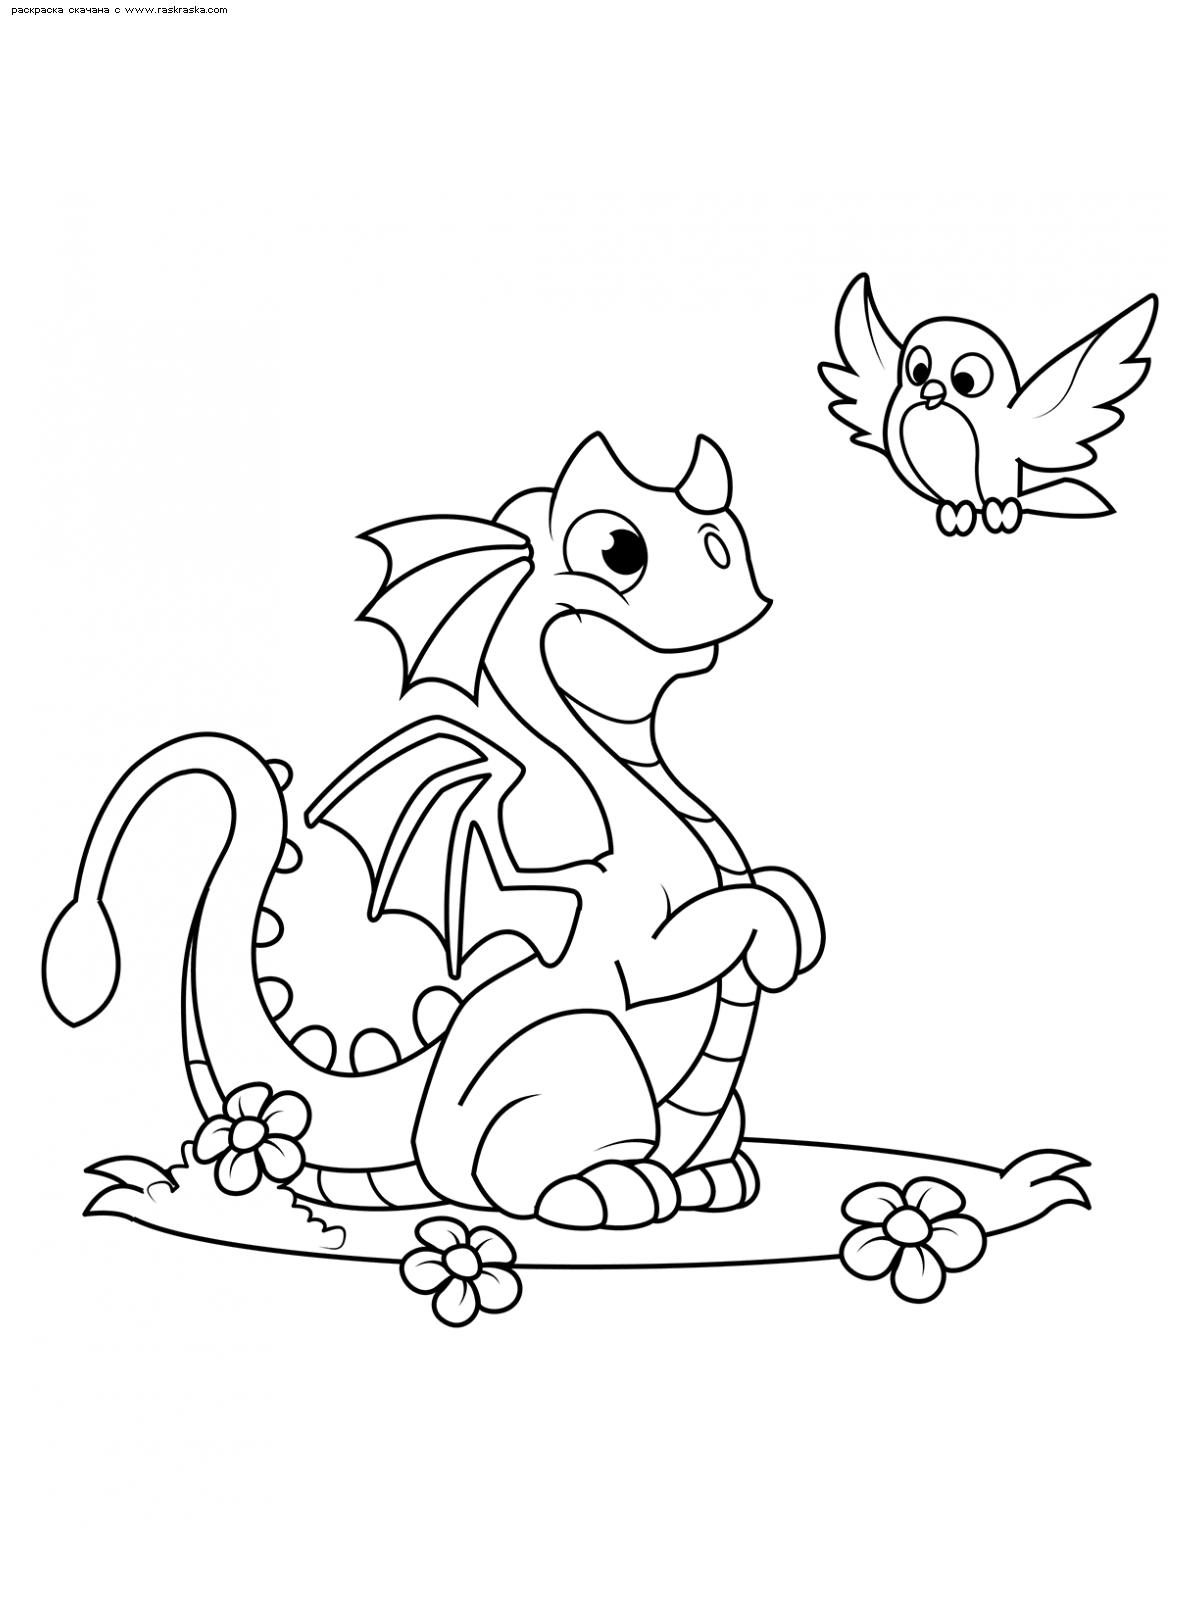 Раскраска Дракончик и птичка | Раскраски с дракончиками ...